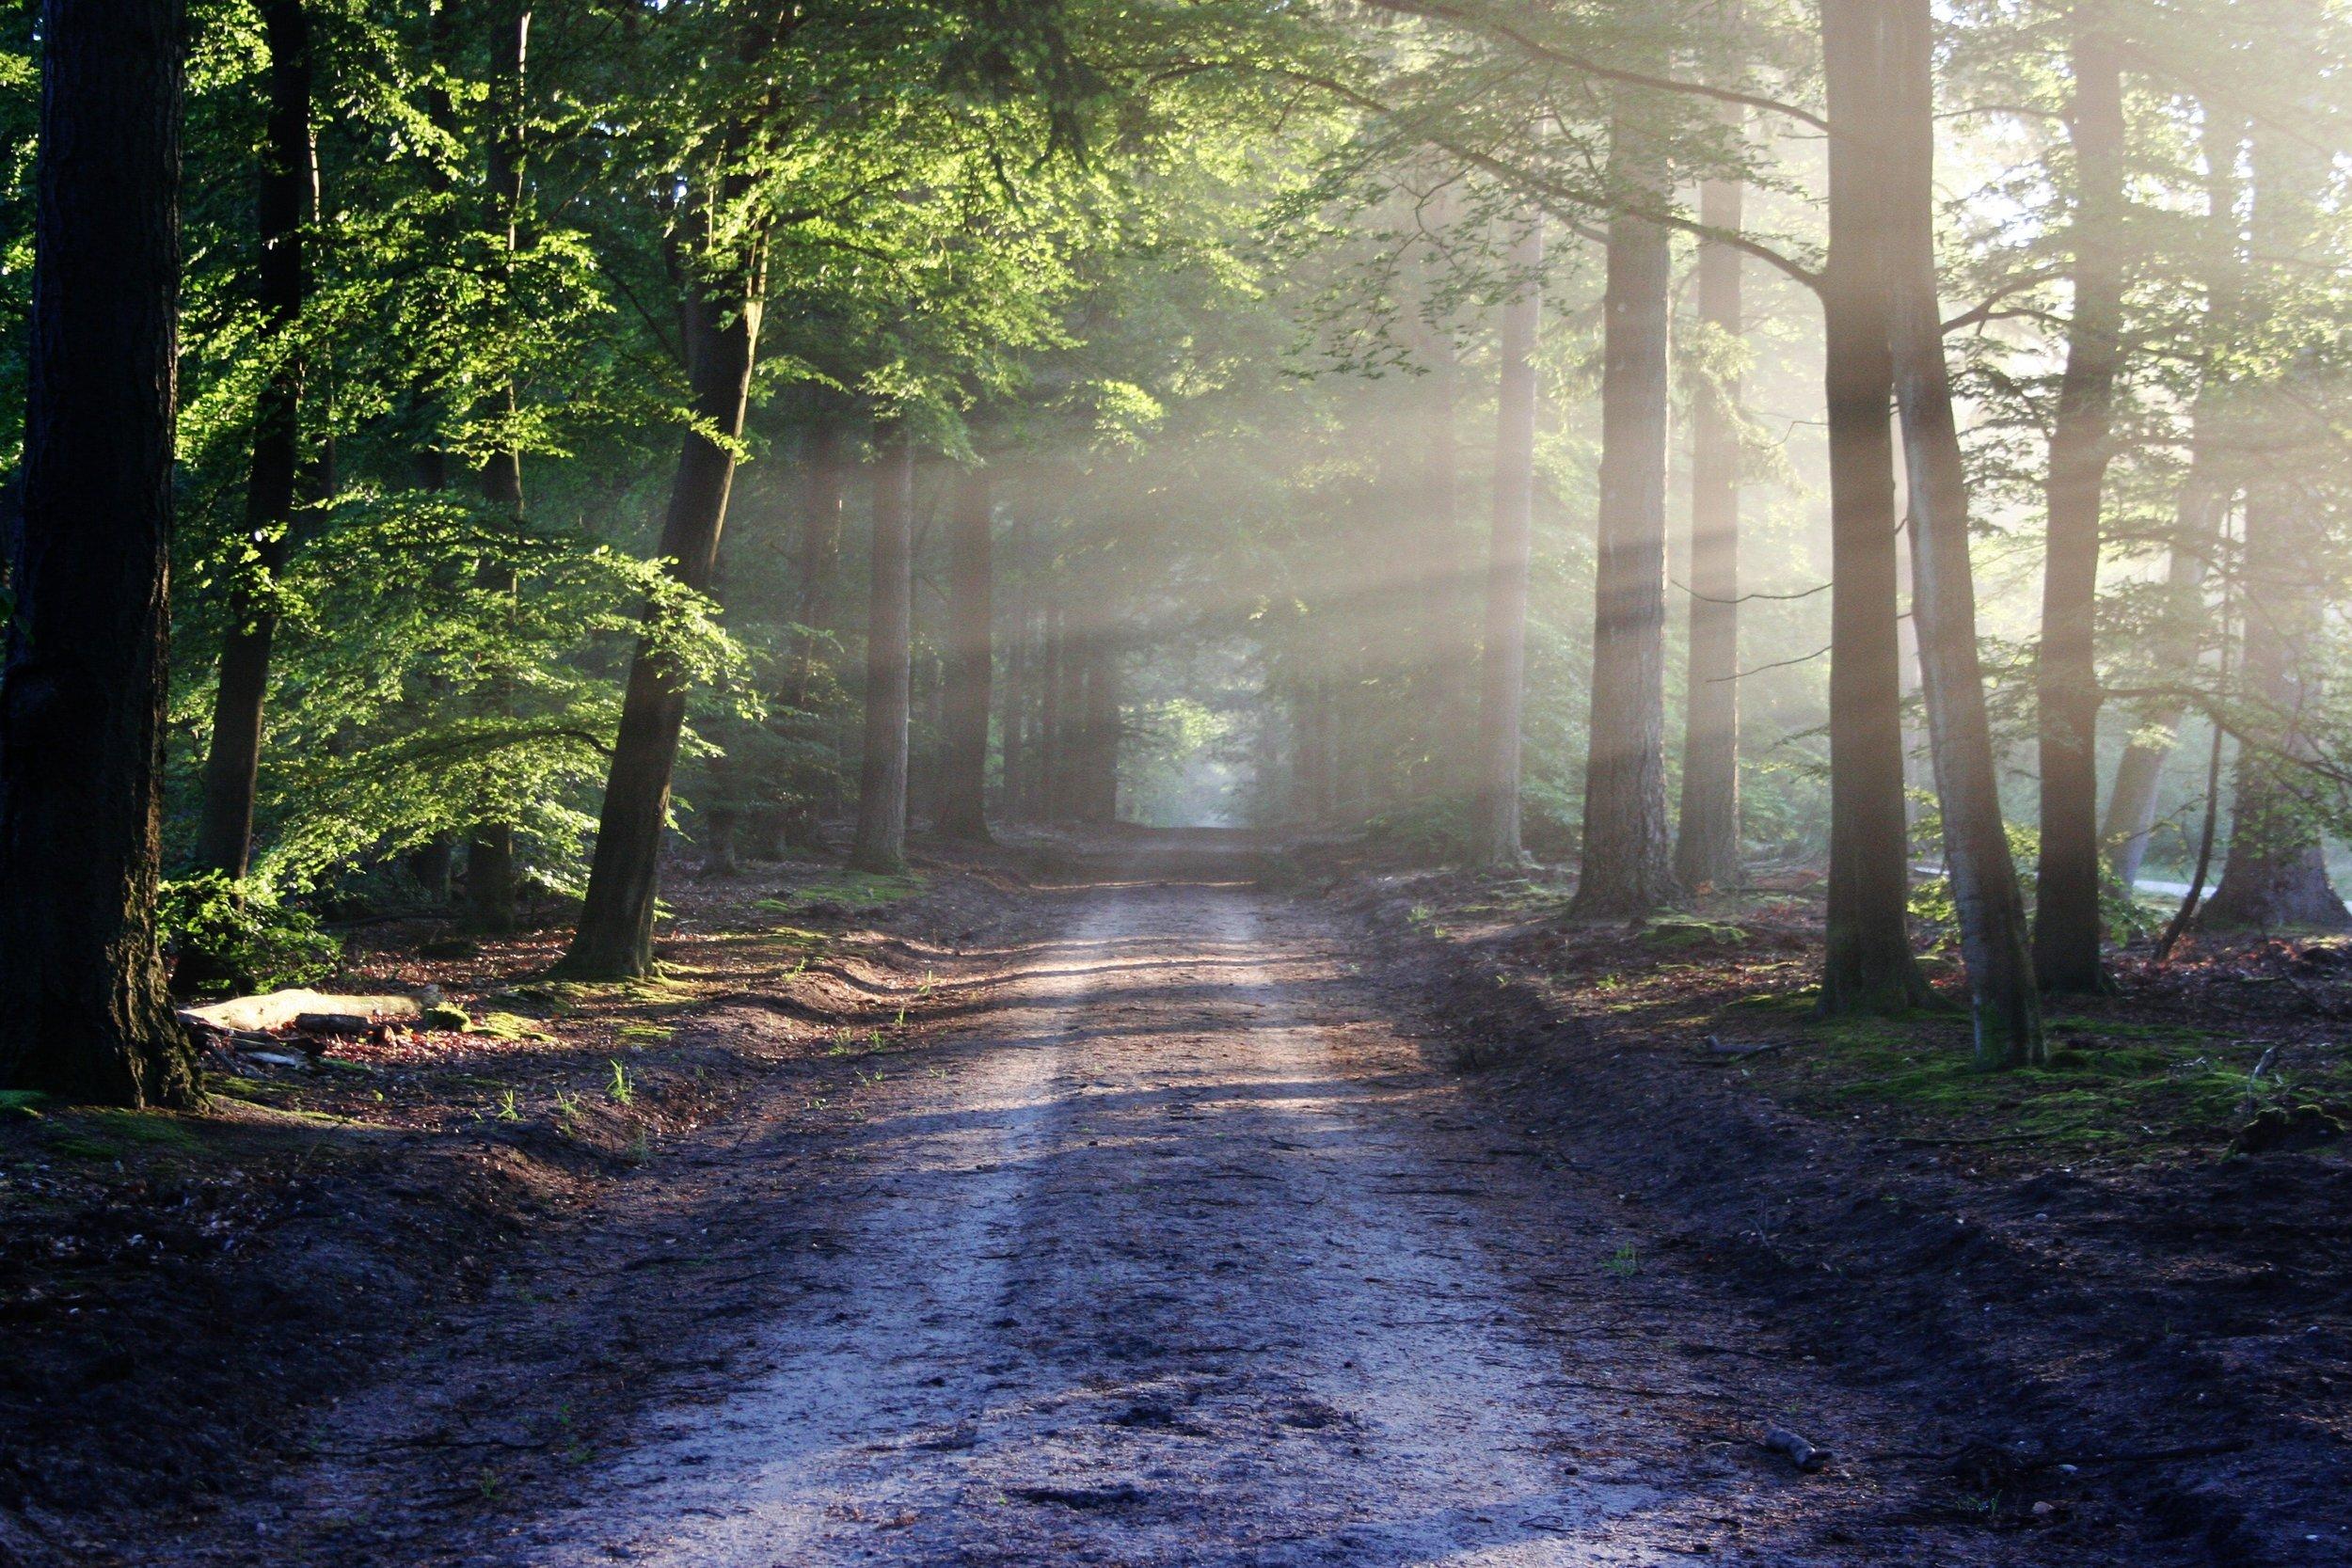 forest-hd-wallpaper-landscape-35600.jpg